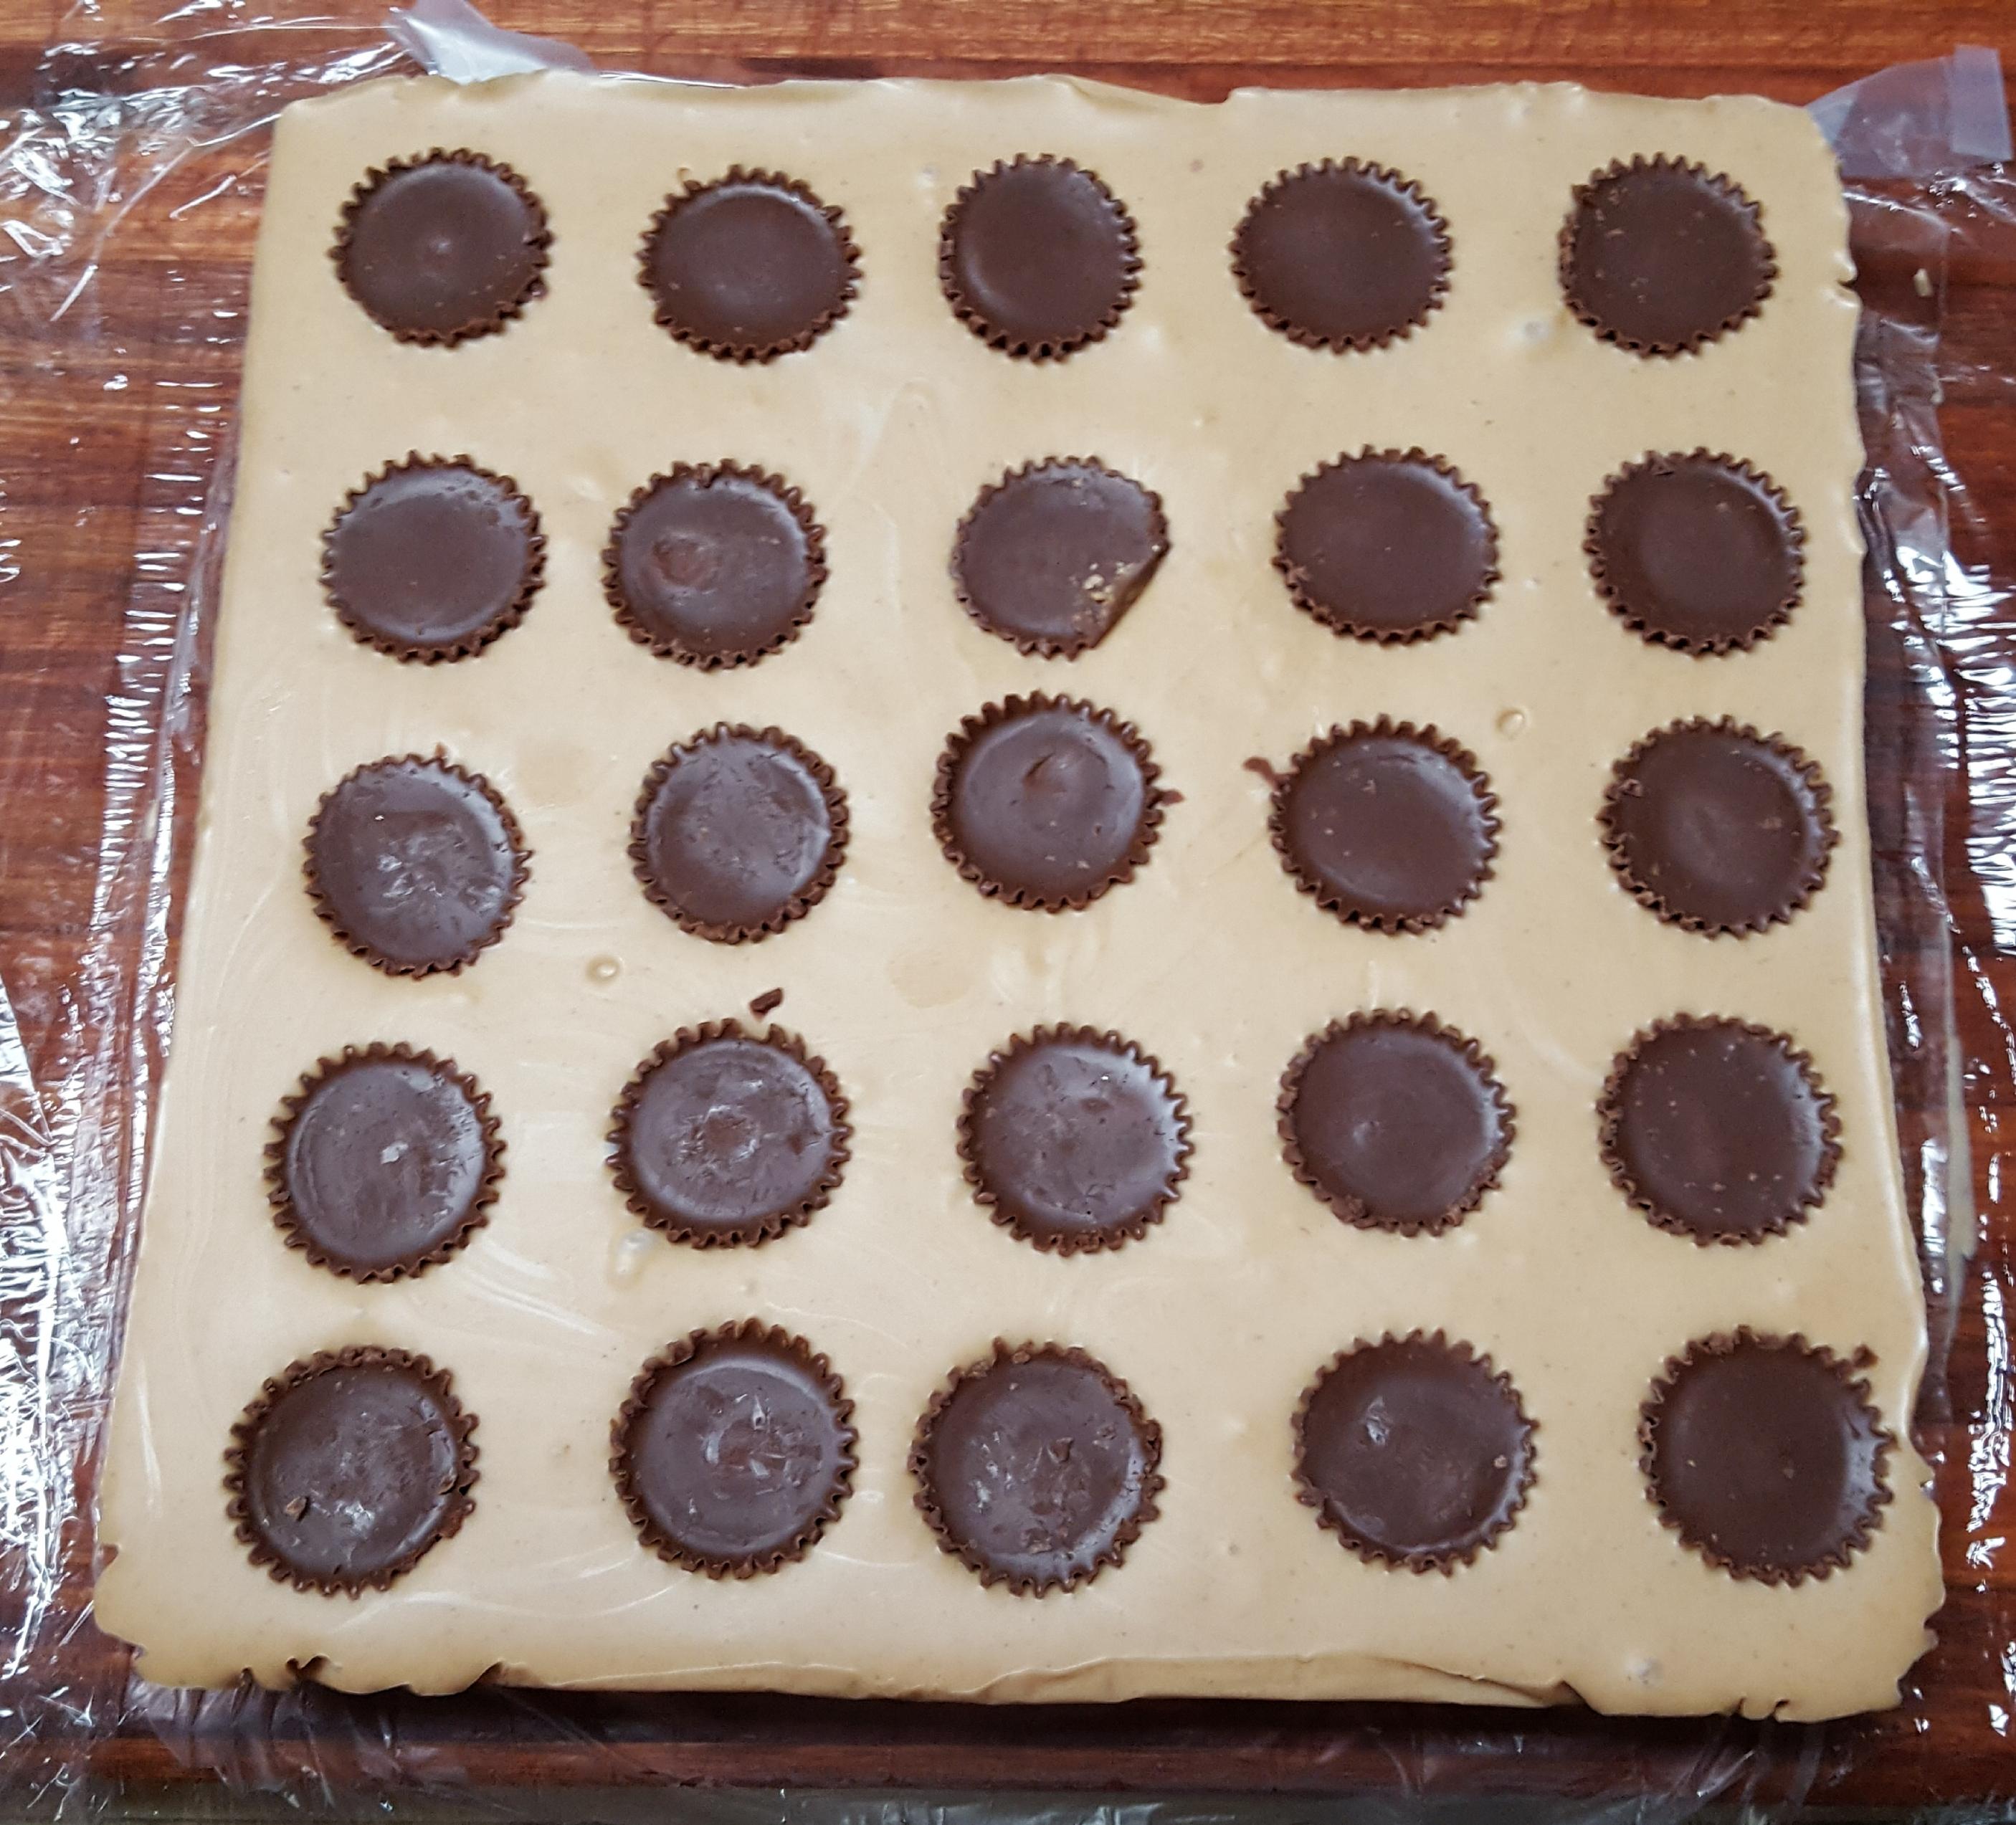 2-Ingredient Peanut Butter Fudge Martin Findley